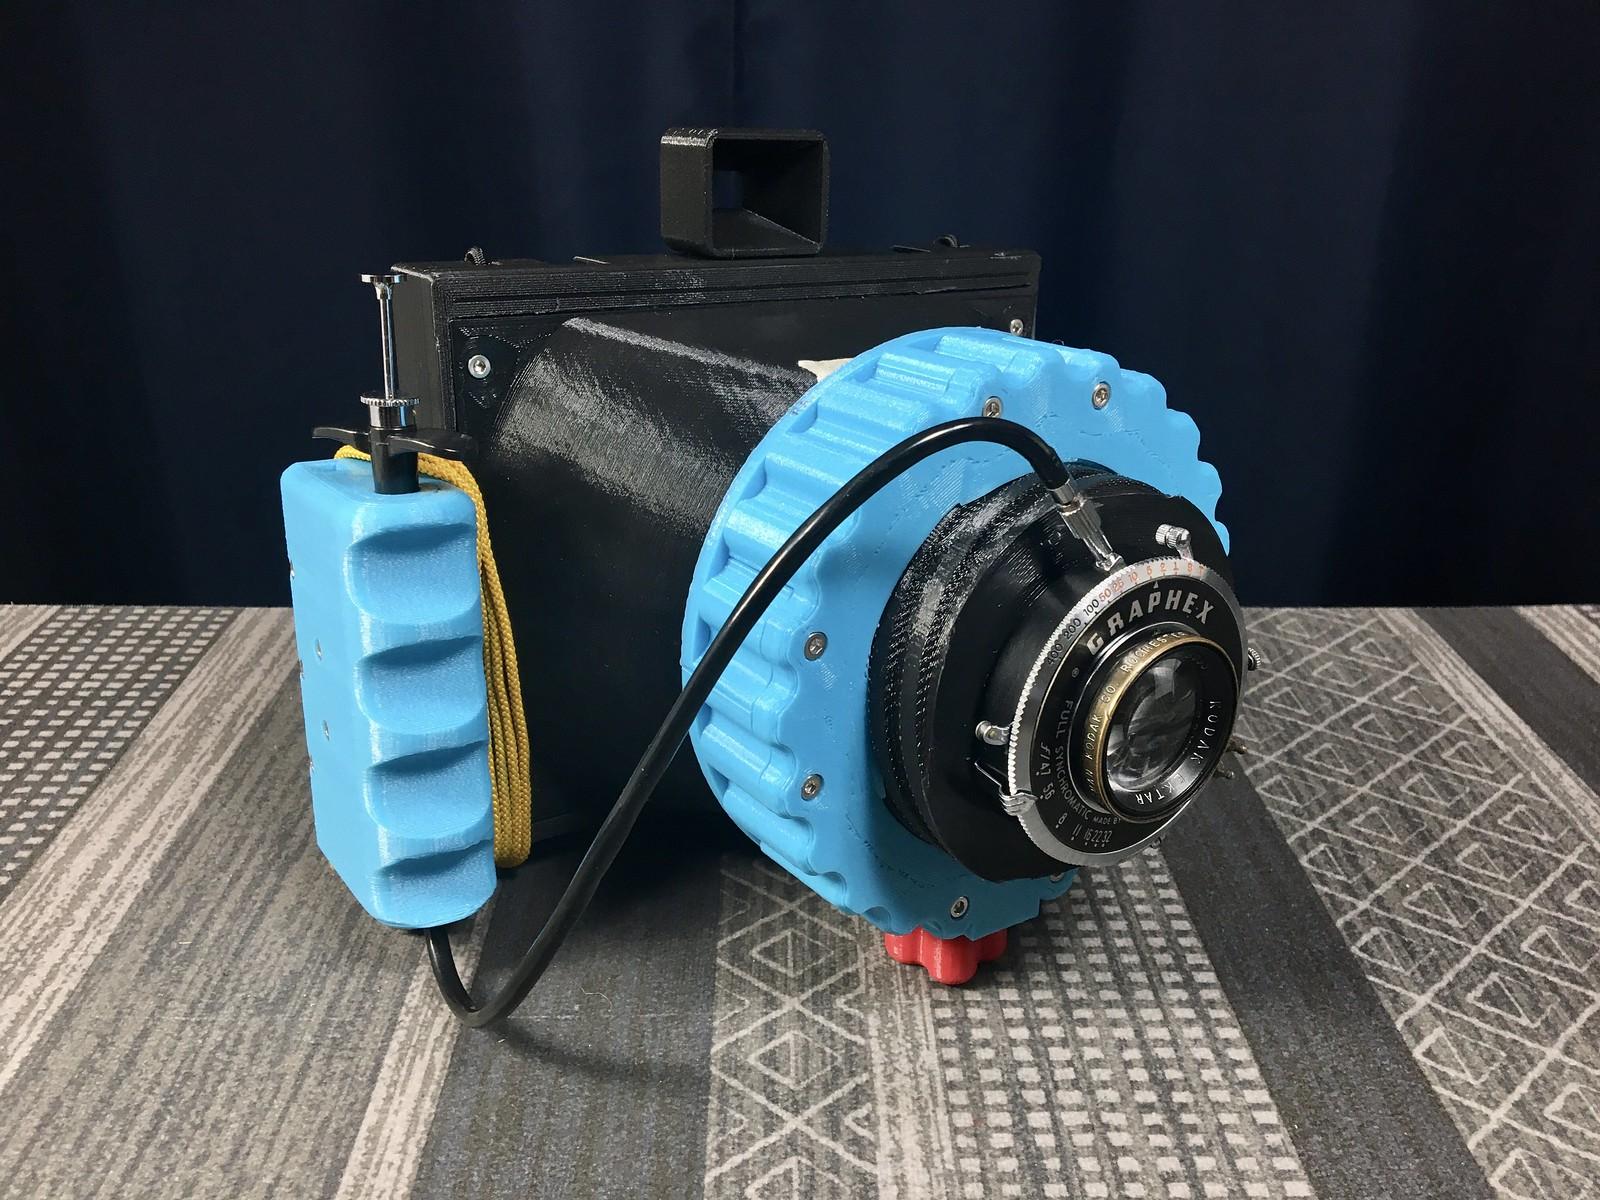 Cameradactyl OG with Kodak Ektar 127mm F/4.7 lens